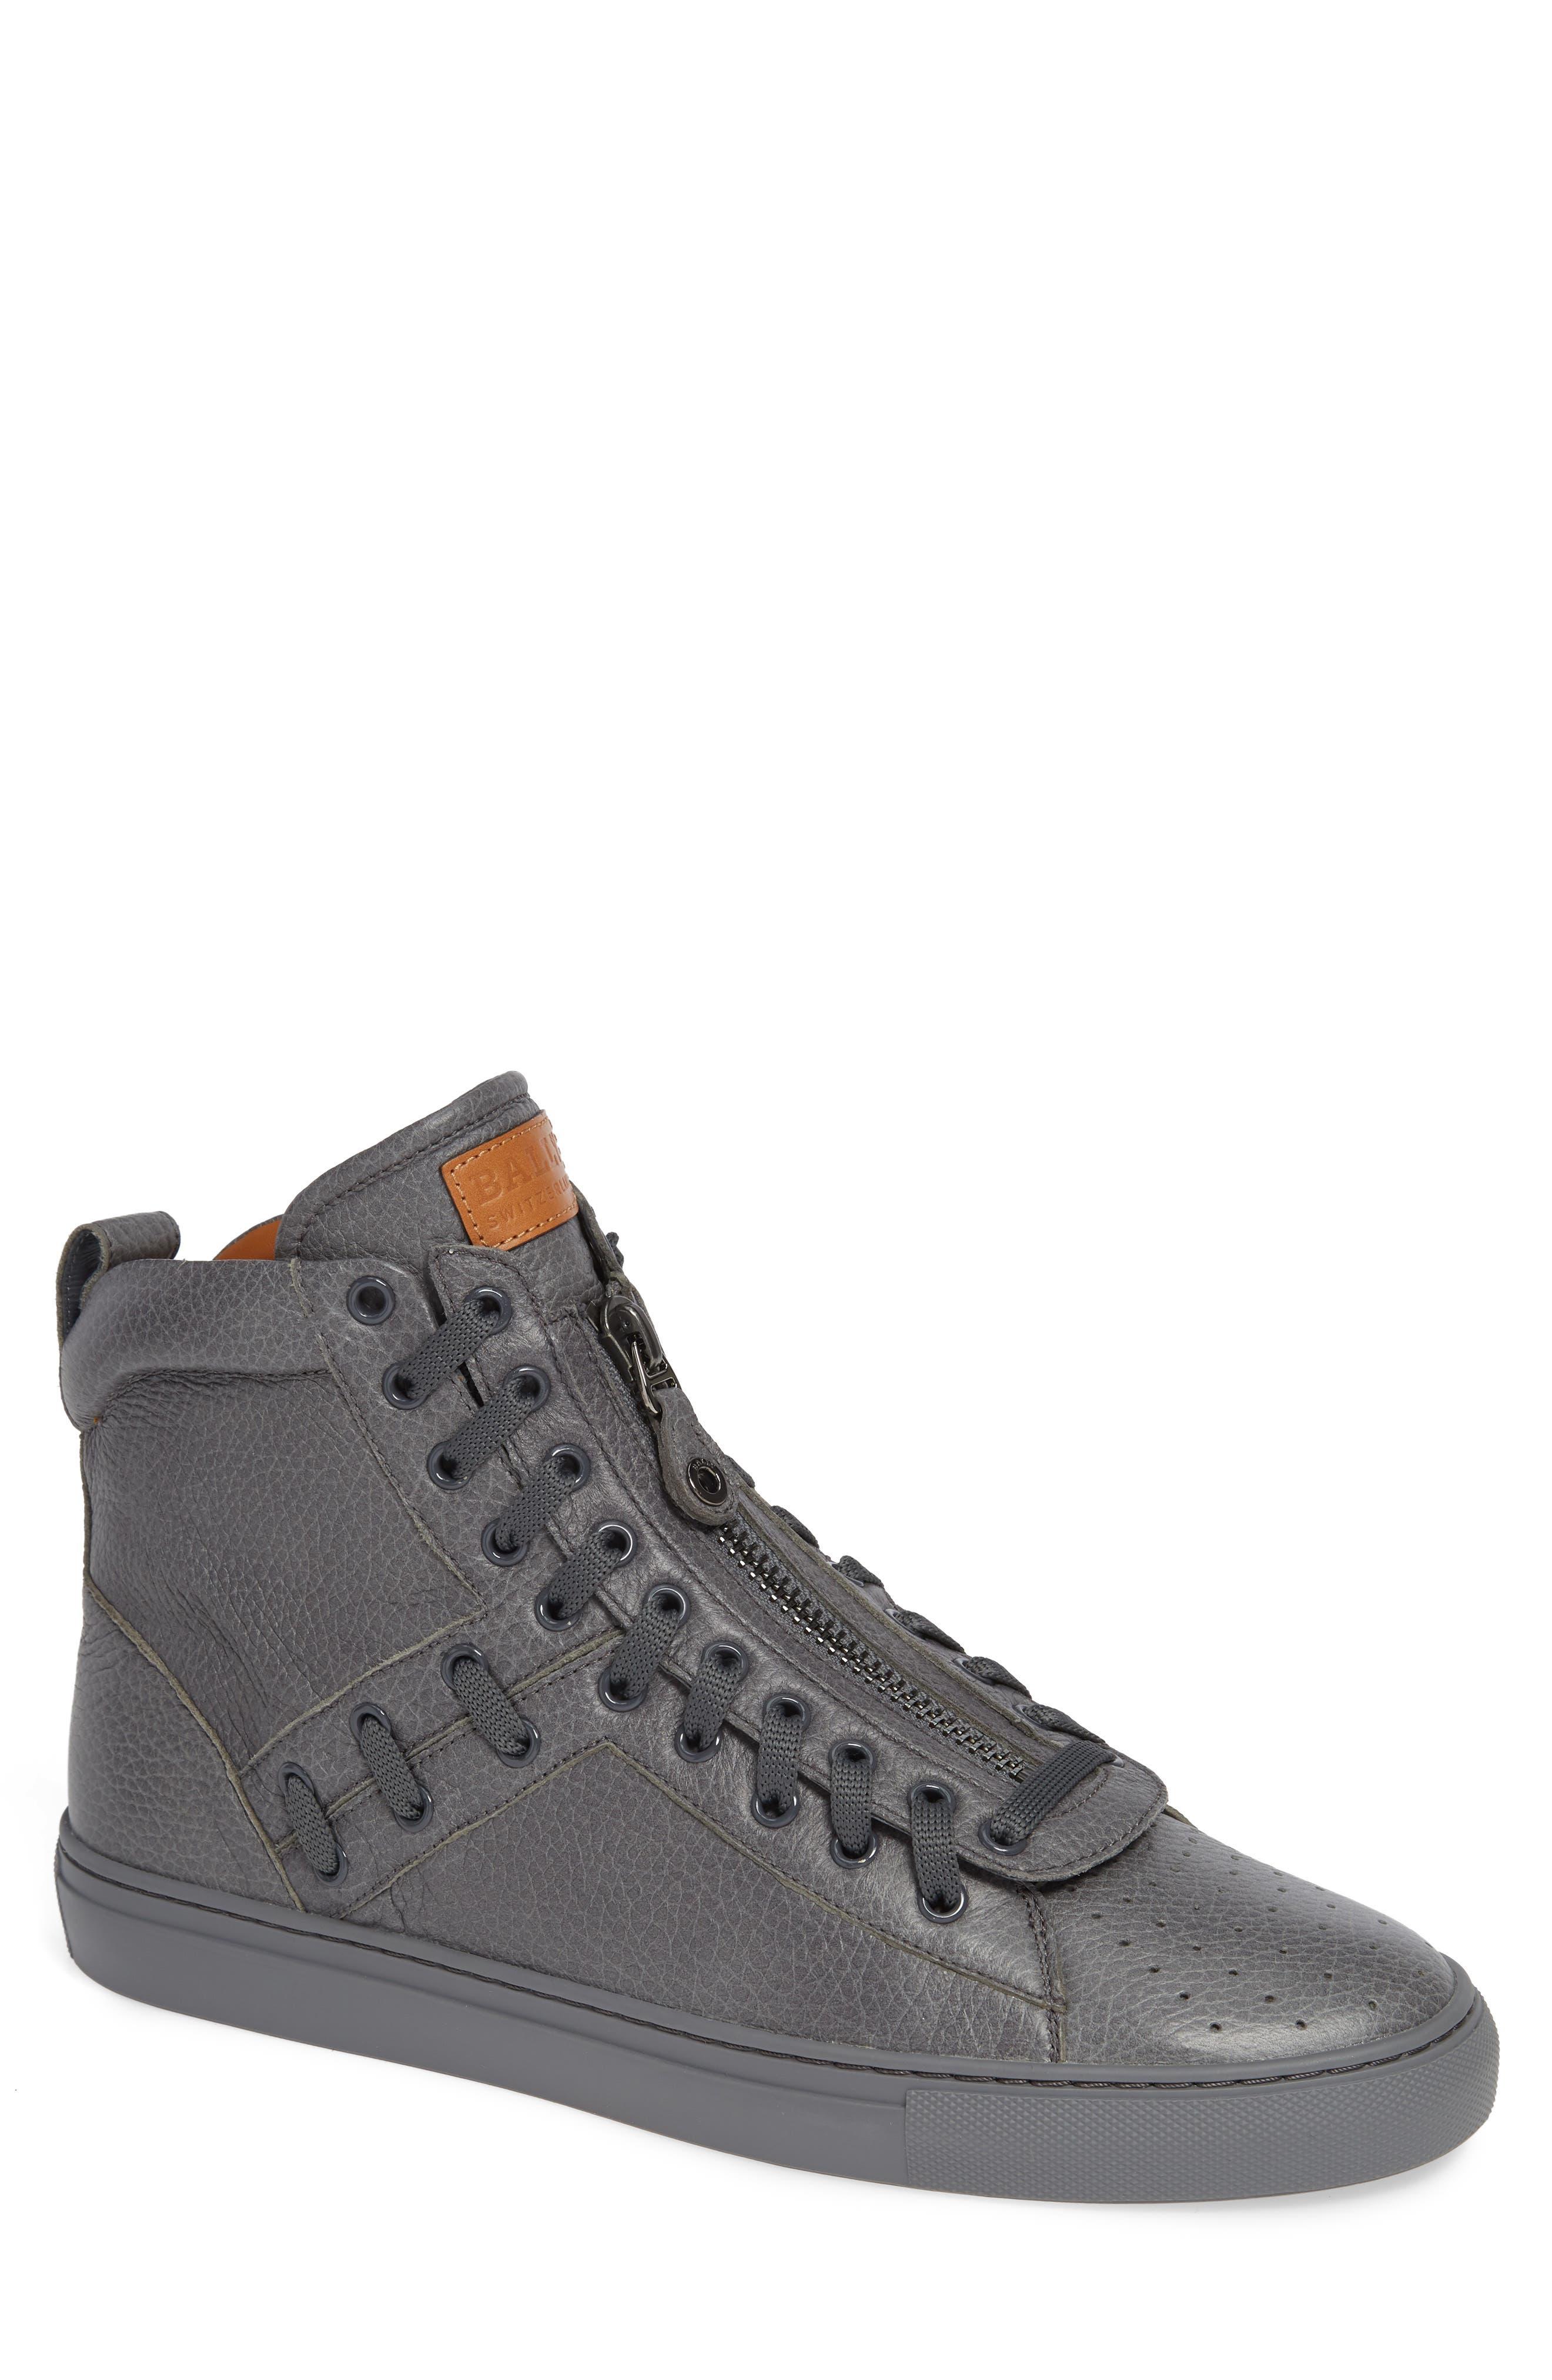 Hekem High-Top Sneaker,                         Main,                         color, GARCONE GREY